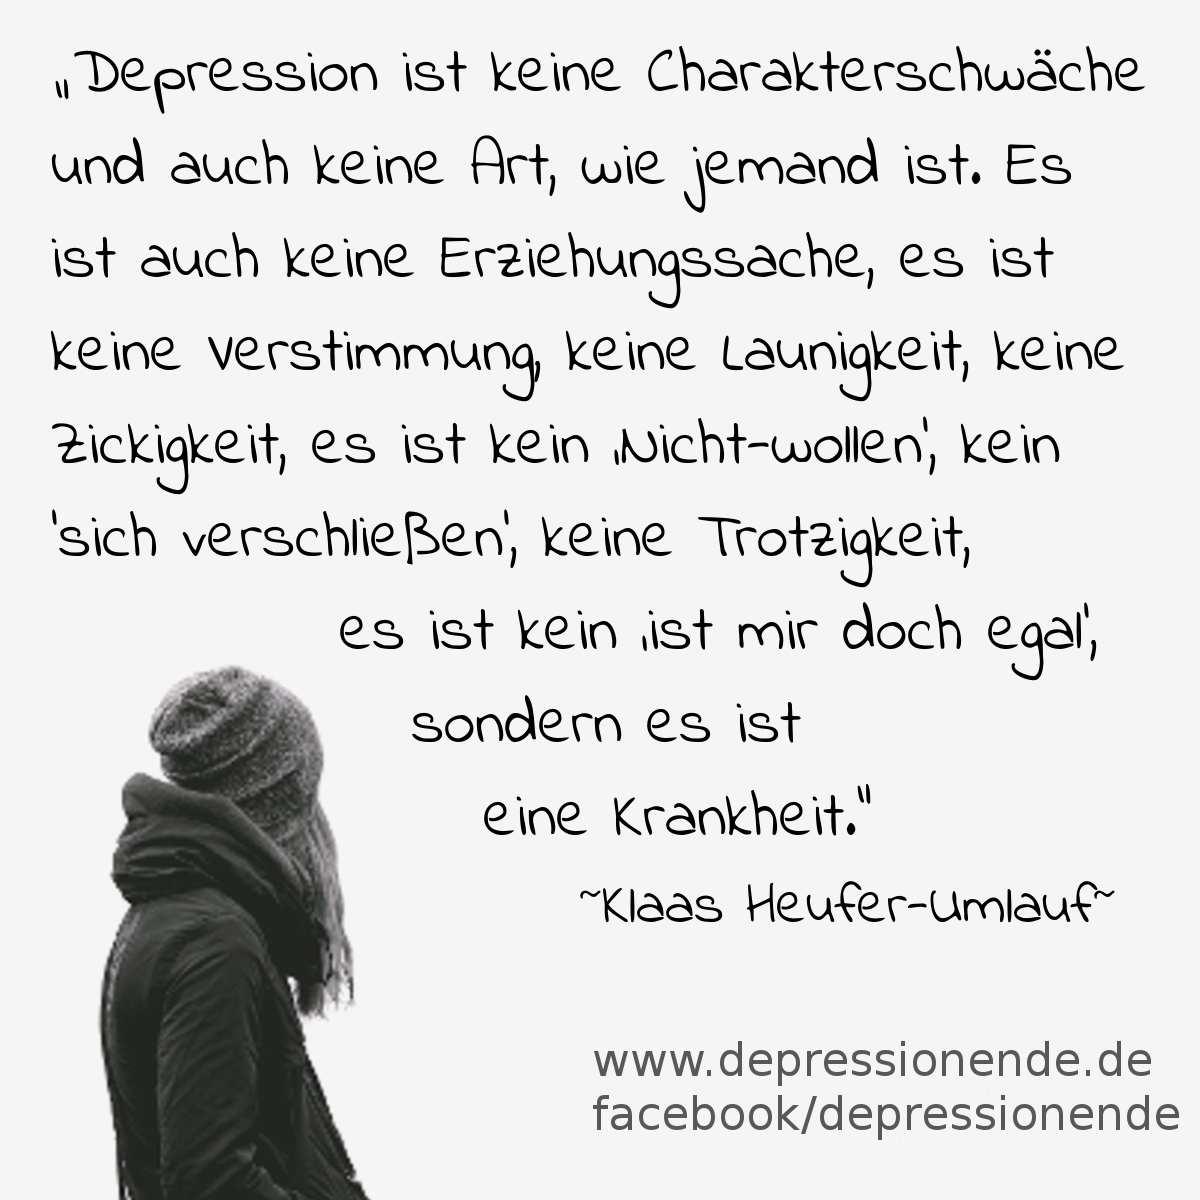 """Spruchbild: Depression ist keine Charakterschwäche und auch keine Art, wie jemand ist. Es ist auch keine Erziehungssache, es ist keine Verstimmung, keine Launigkeit, keine Zickigkeit, es ist kein 'Nicht-wollen', kein 'sich verschließen', keine Trotzigkeit, es ist kein 'ist mir doch egal', sondern es ist eine Krankheit. Klaas Heufer Umlauf"""""""